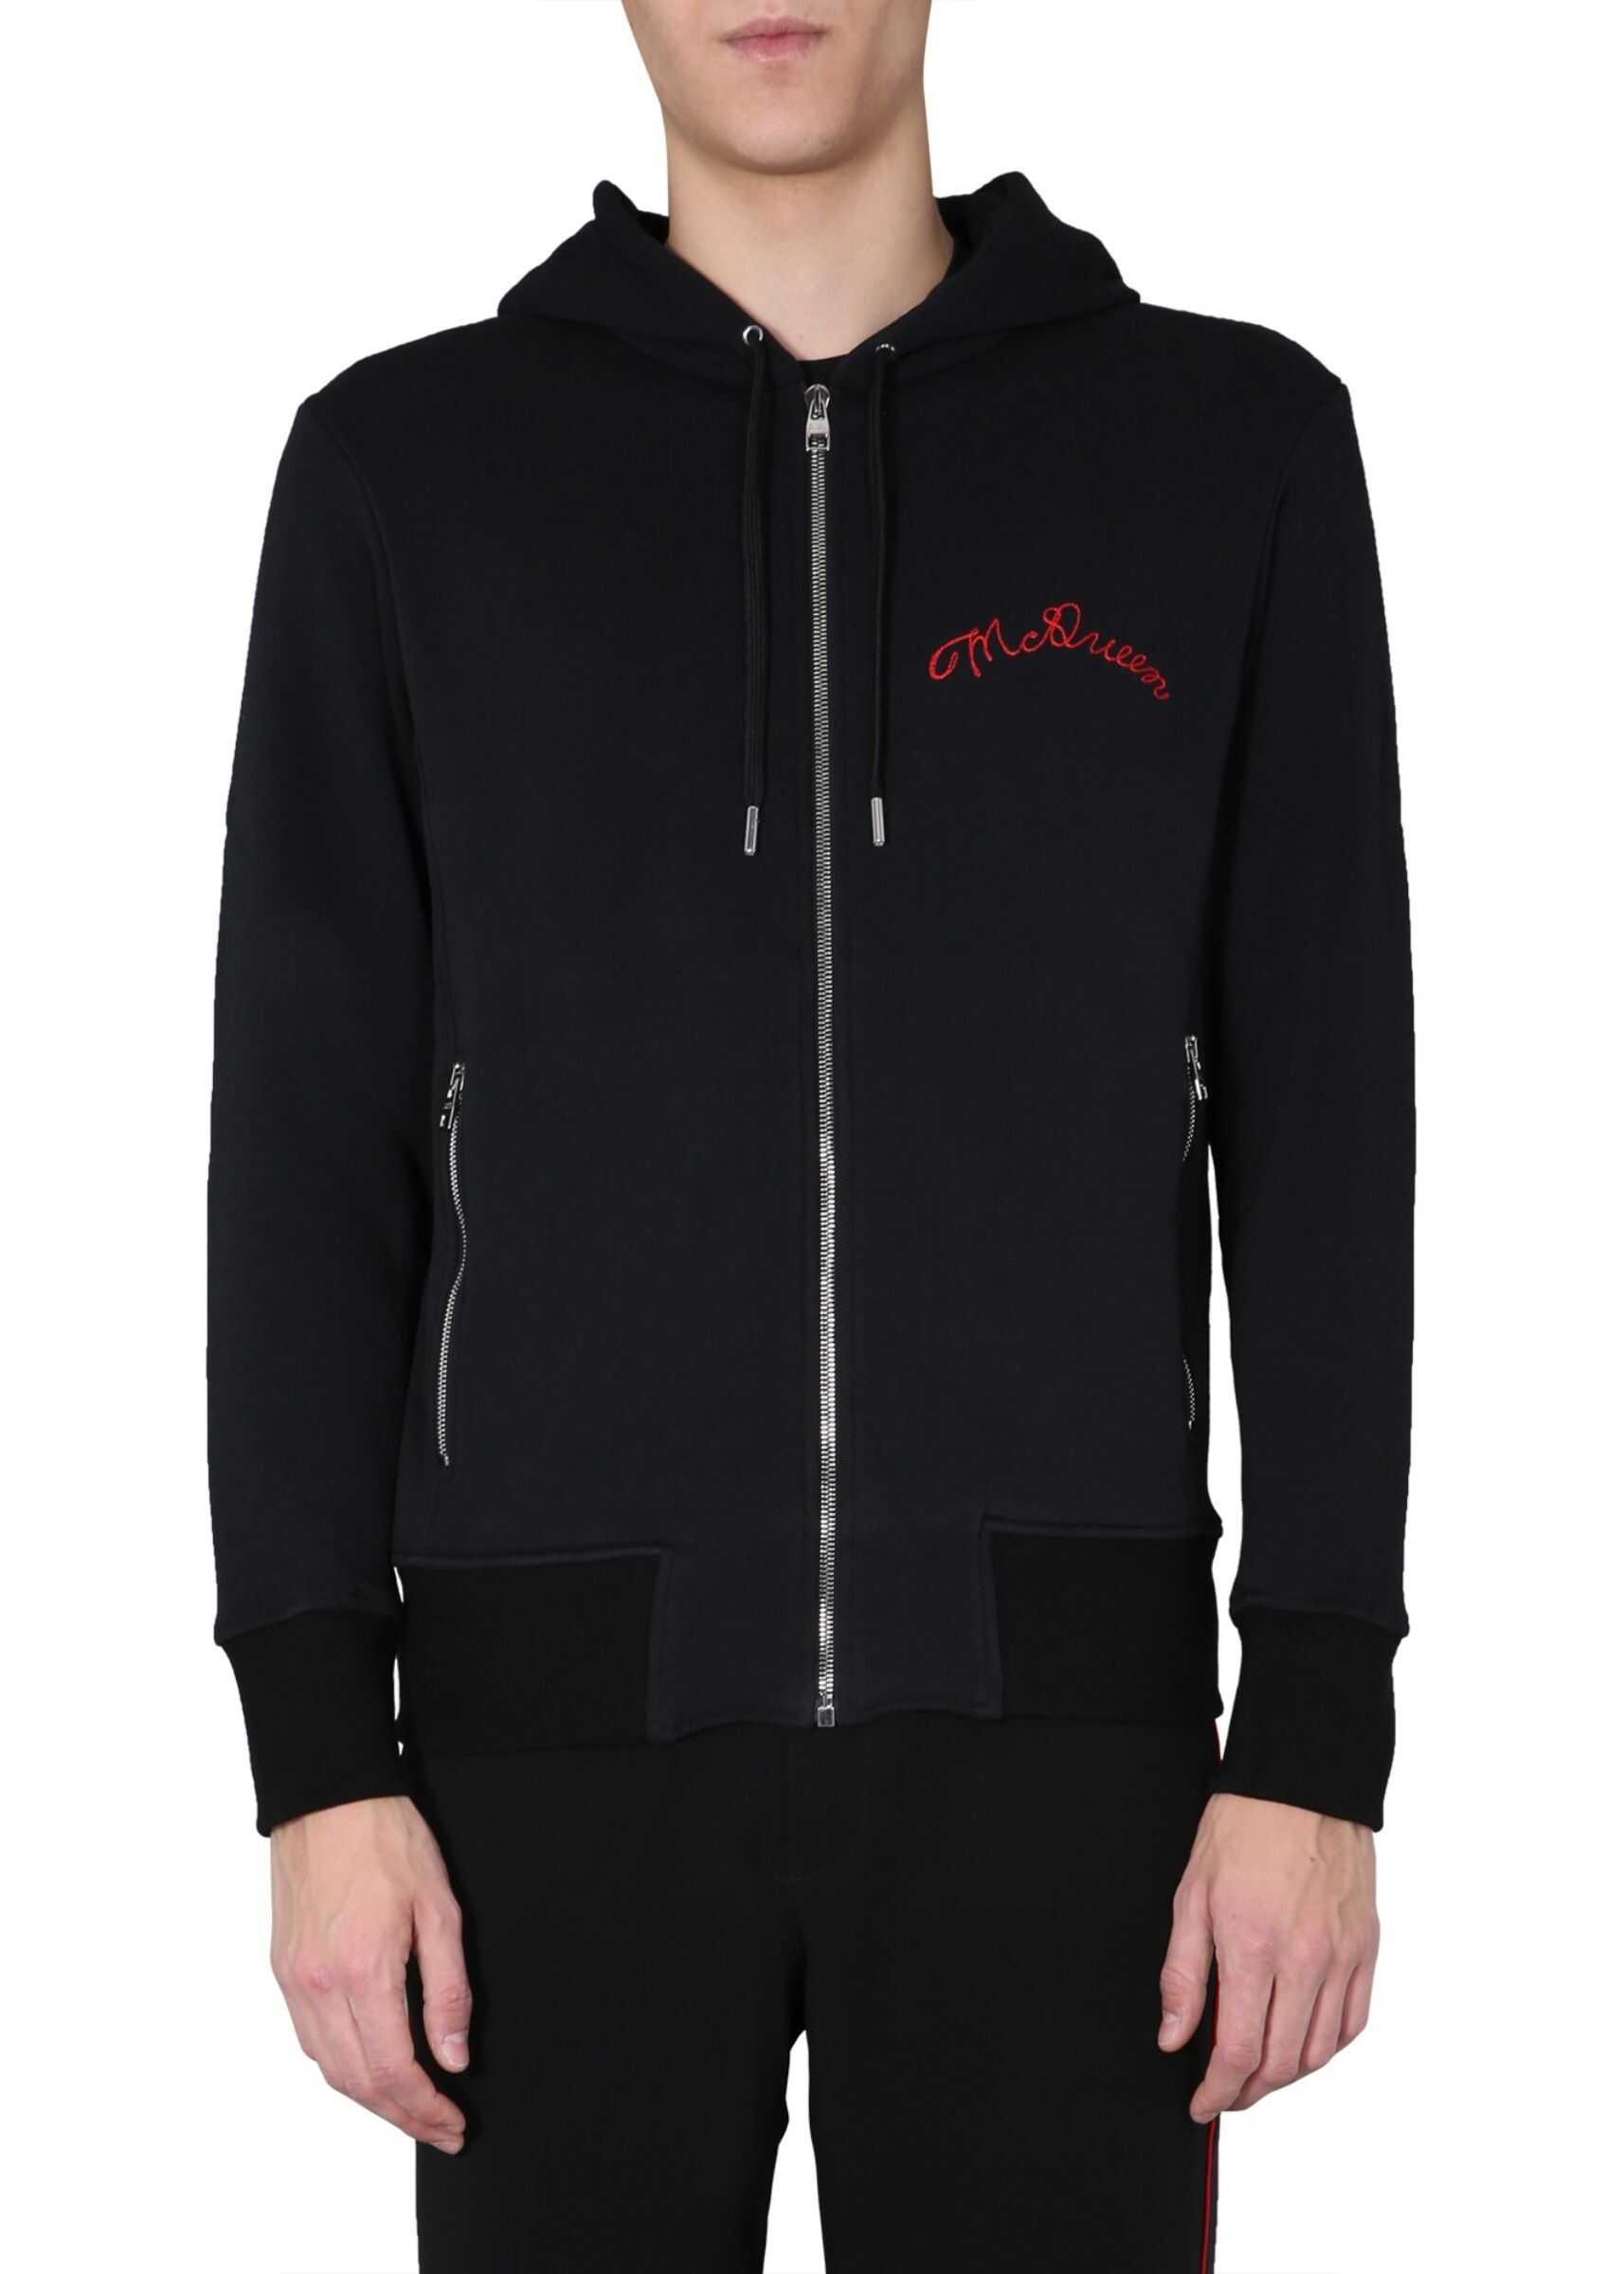 Zip And Hooded Sweatshirt